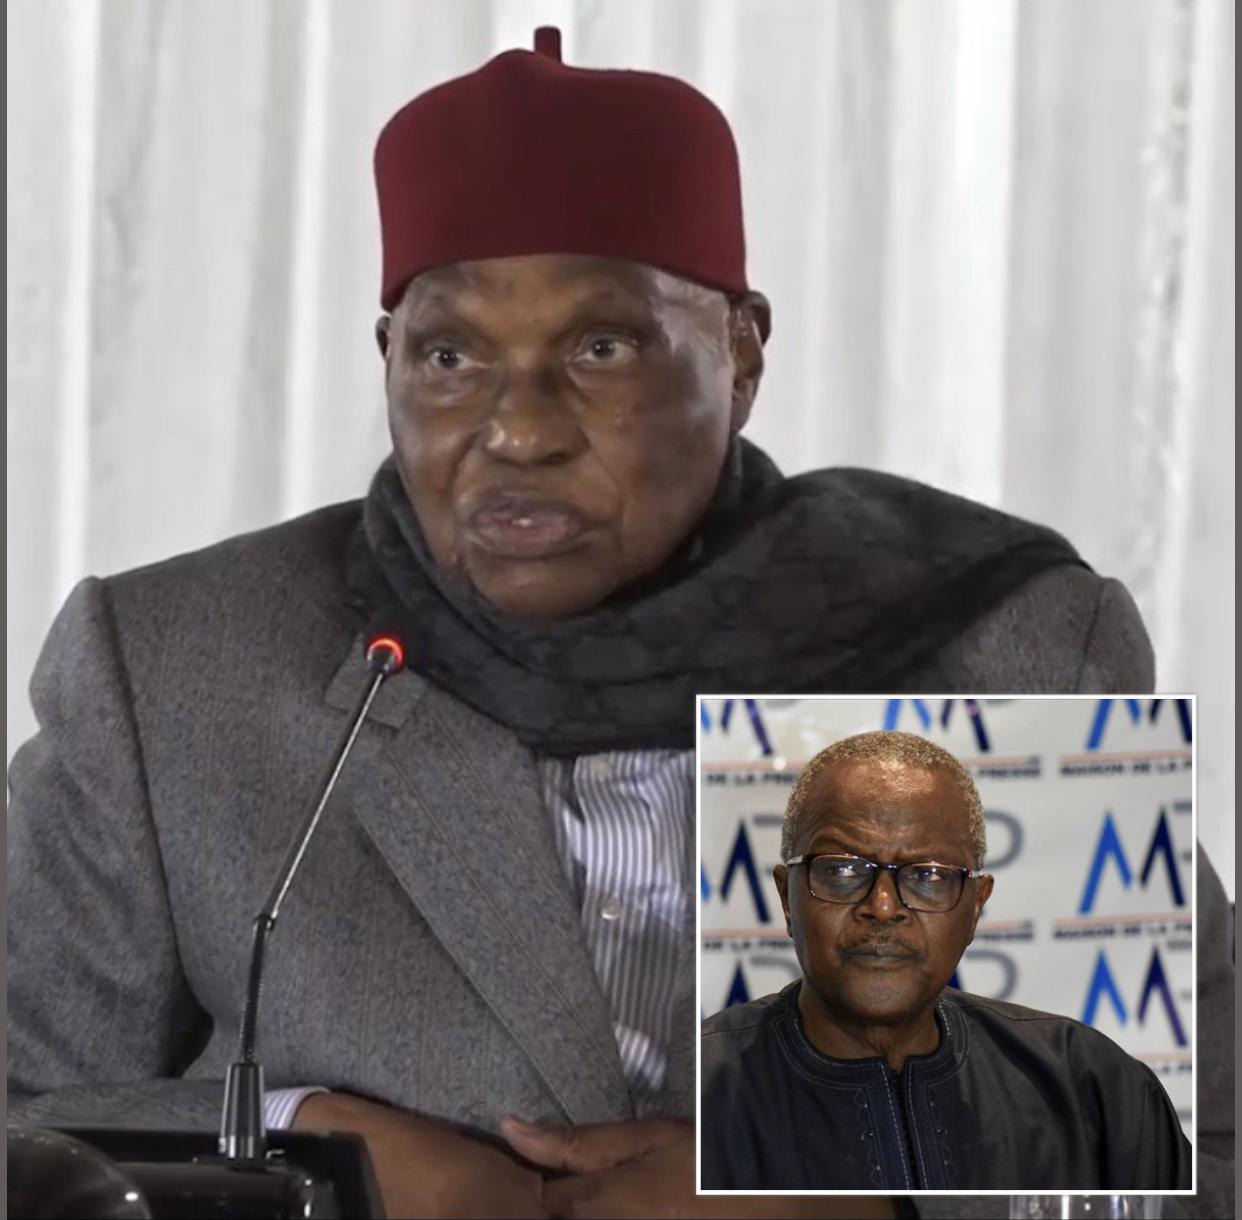 Décès de Ousmane Tanor Dieng : Abdoulaye Wade salue la mémoire «d'un homme politique partisan, engagé mais correct»